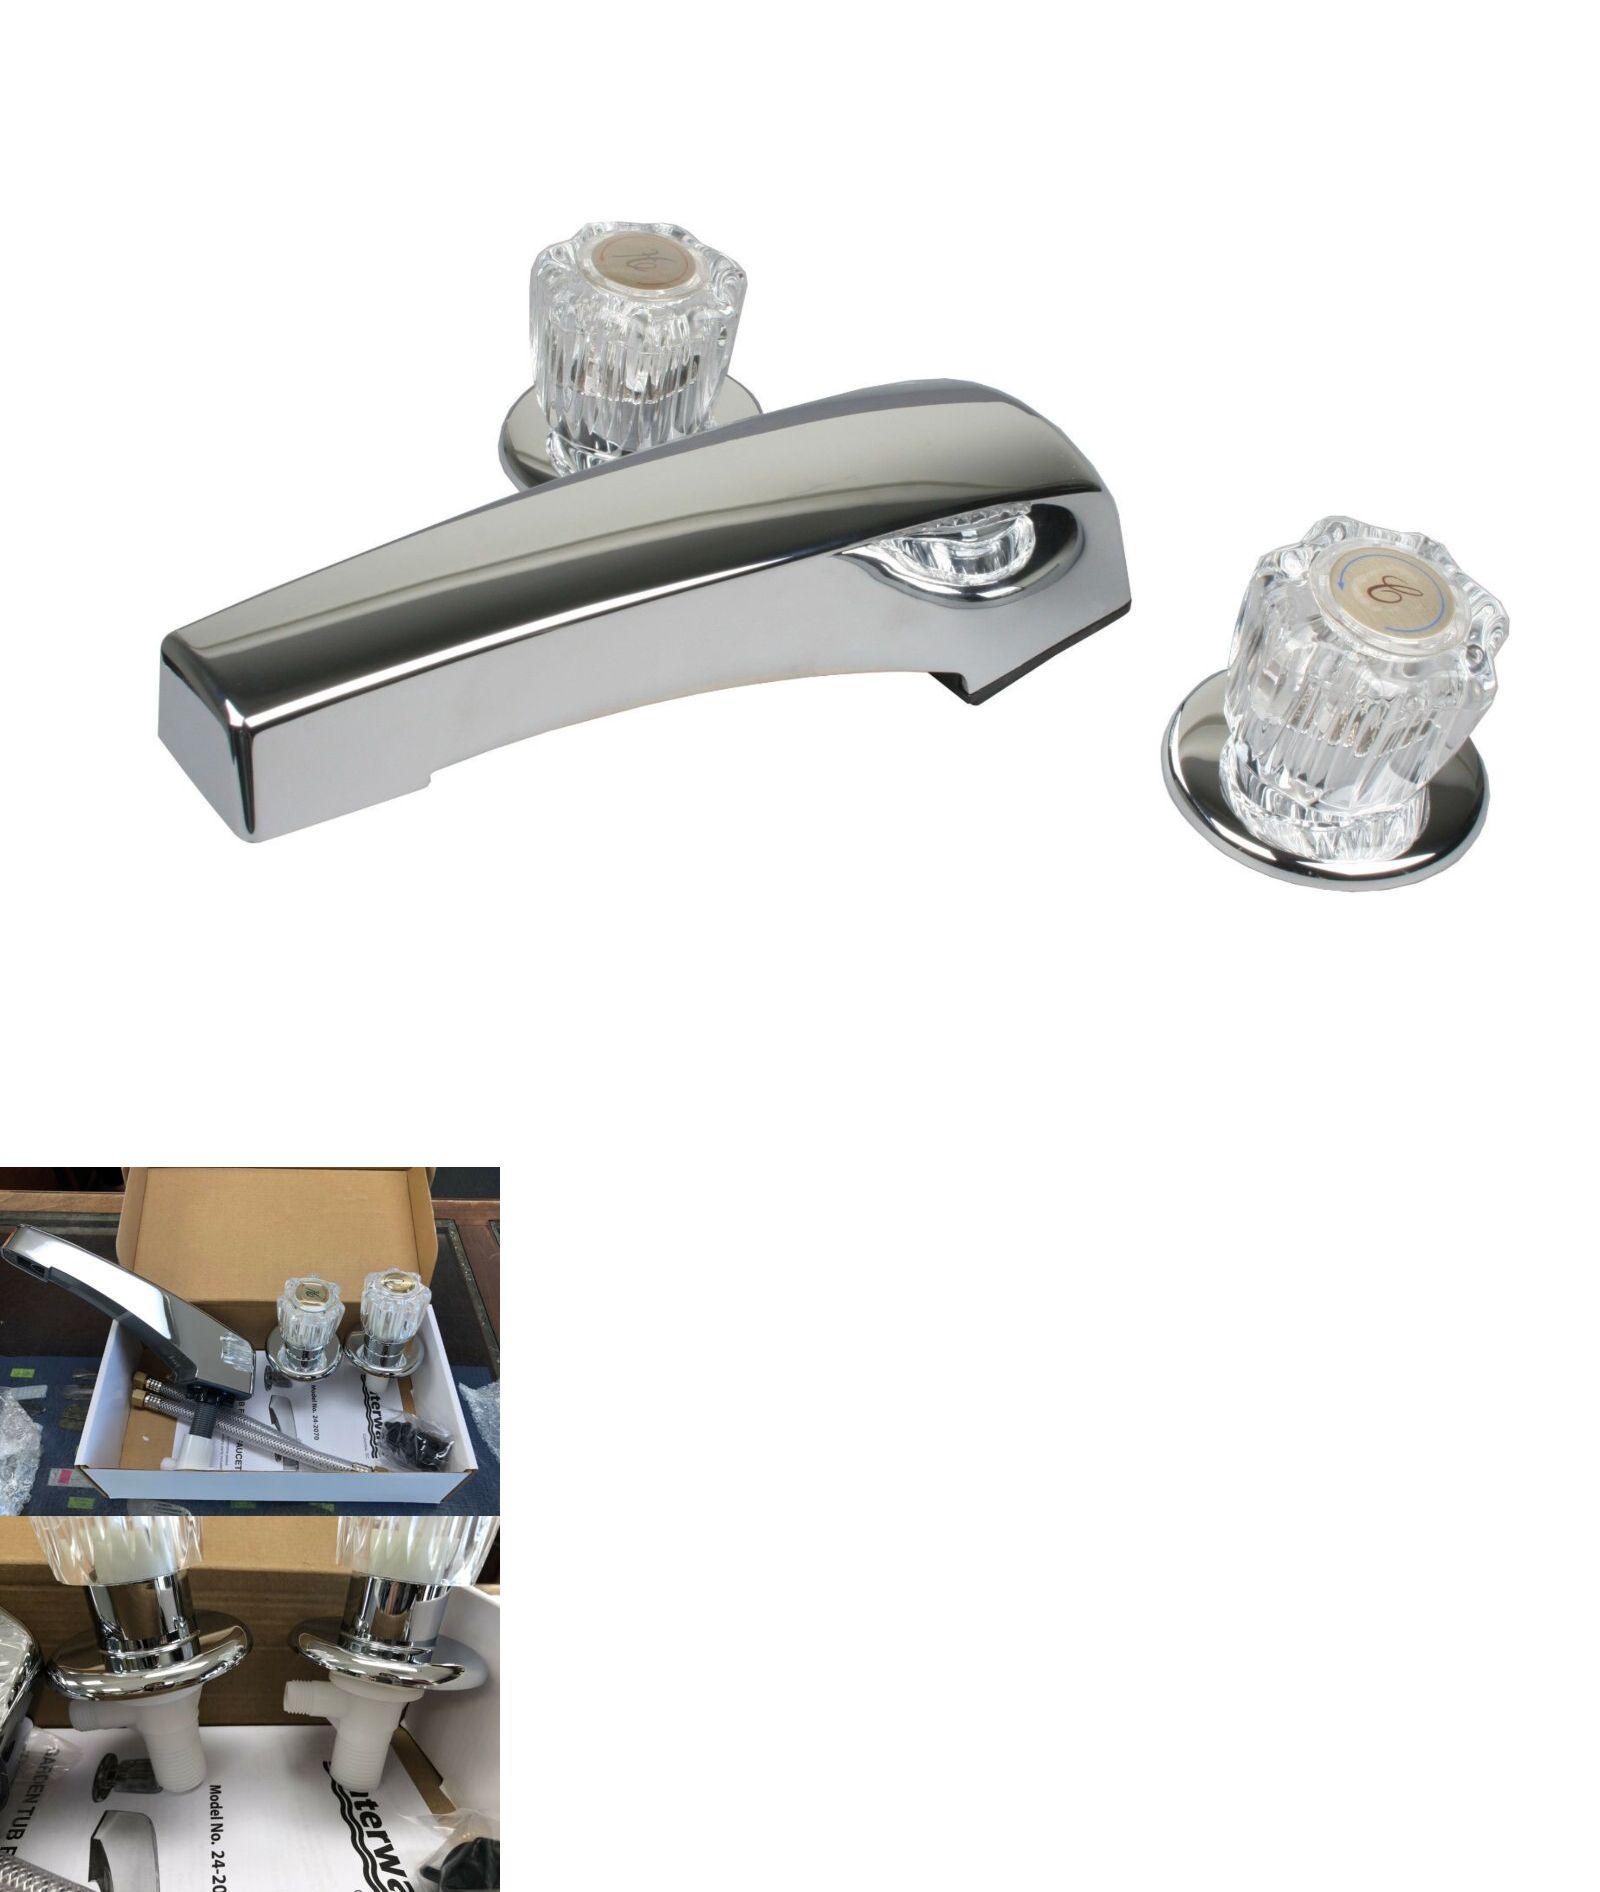 Faucets 42024 Mobile Home Adjustable Garden Tub Filler